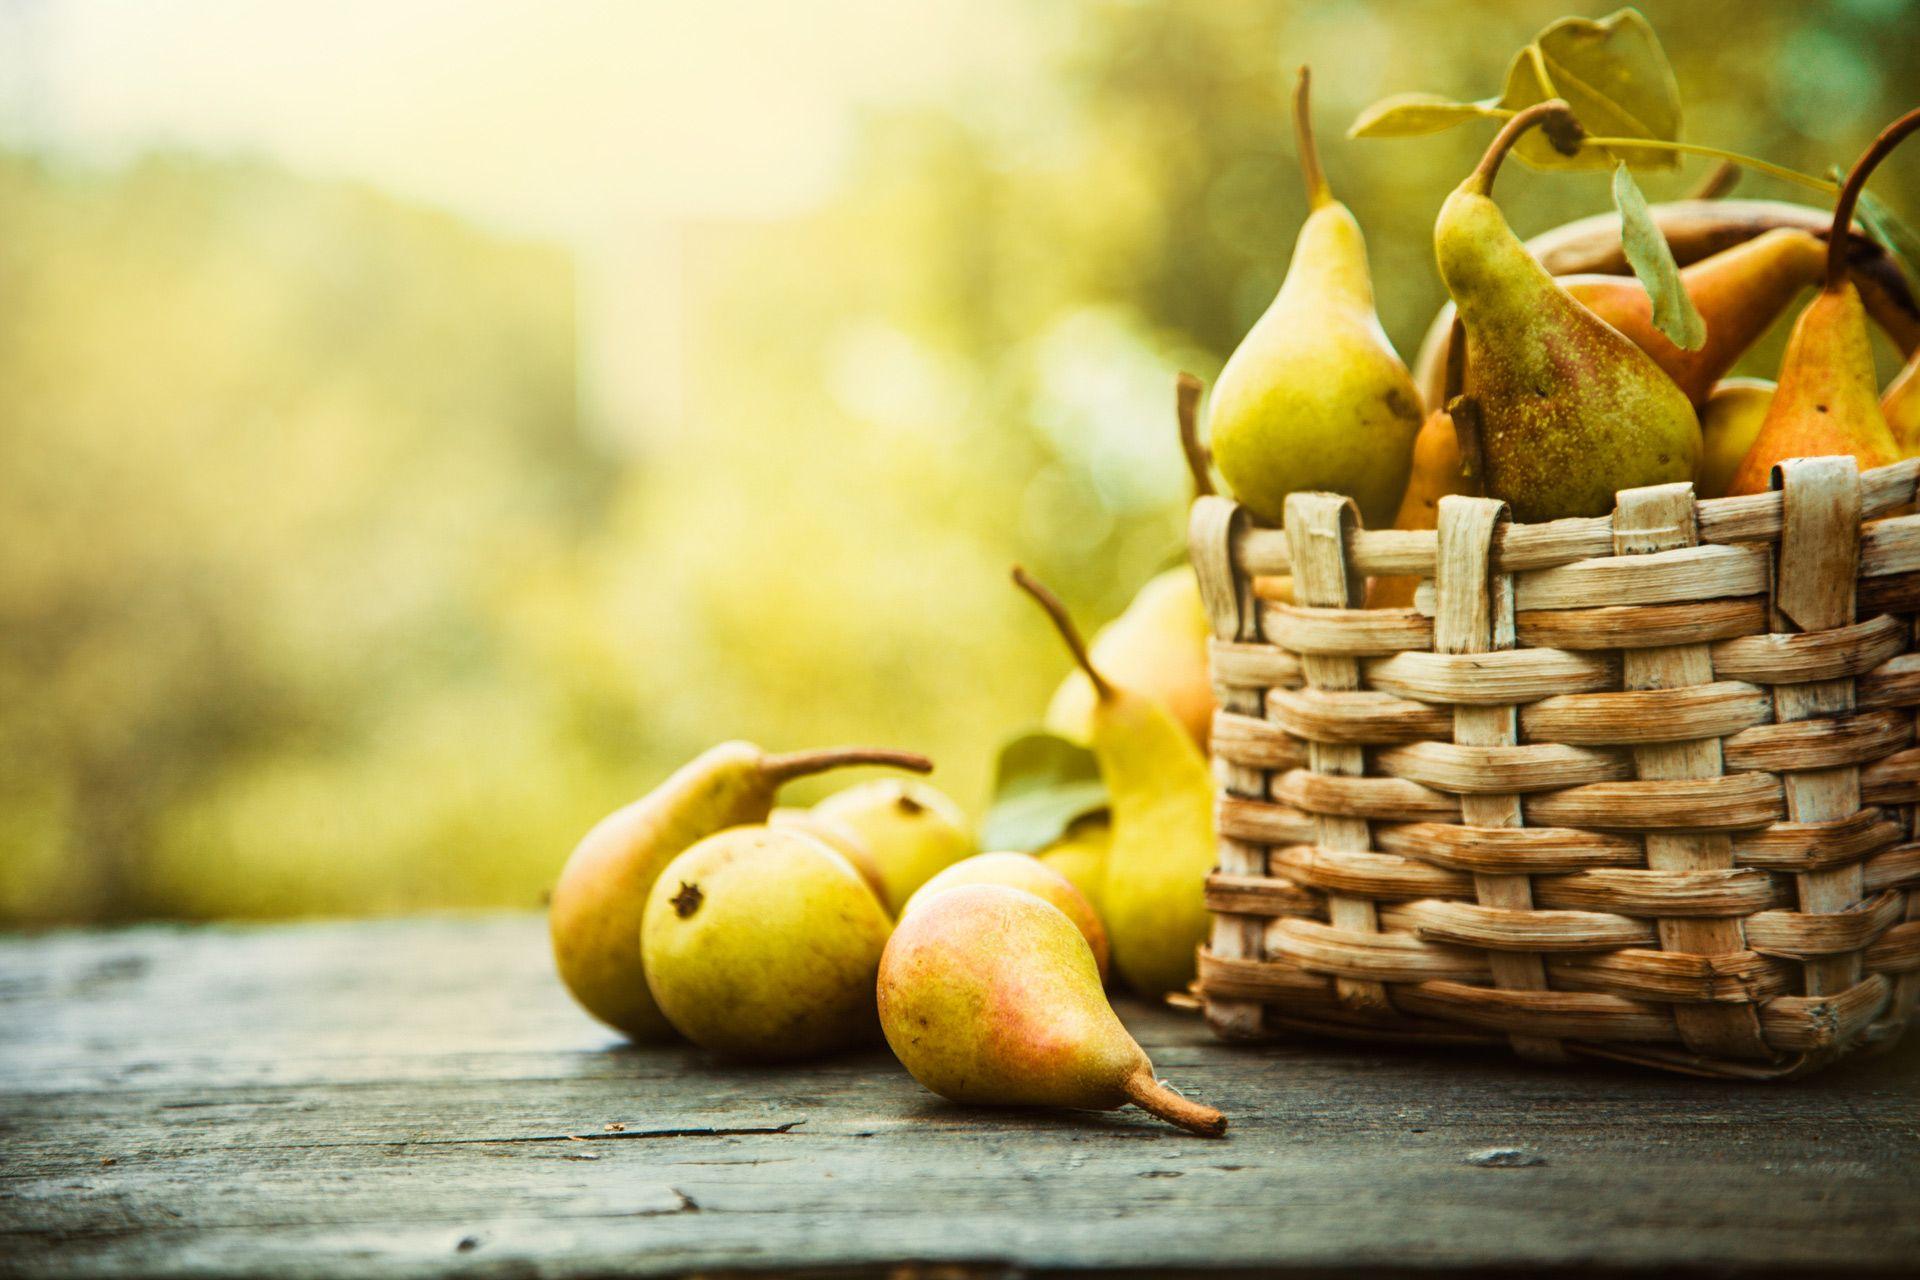 Wunderfrucht Birne #pear #loveit #autumn #health #didyouknow #goodtoknow #facts #allyouneedtoknow #schongewusst #lidlösterreich